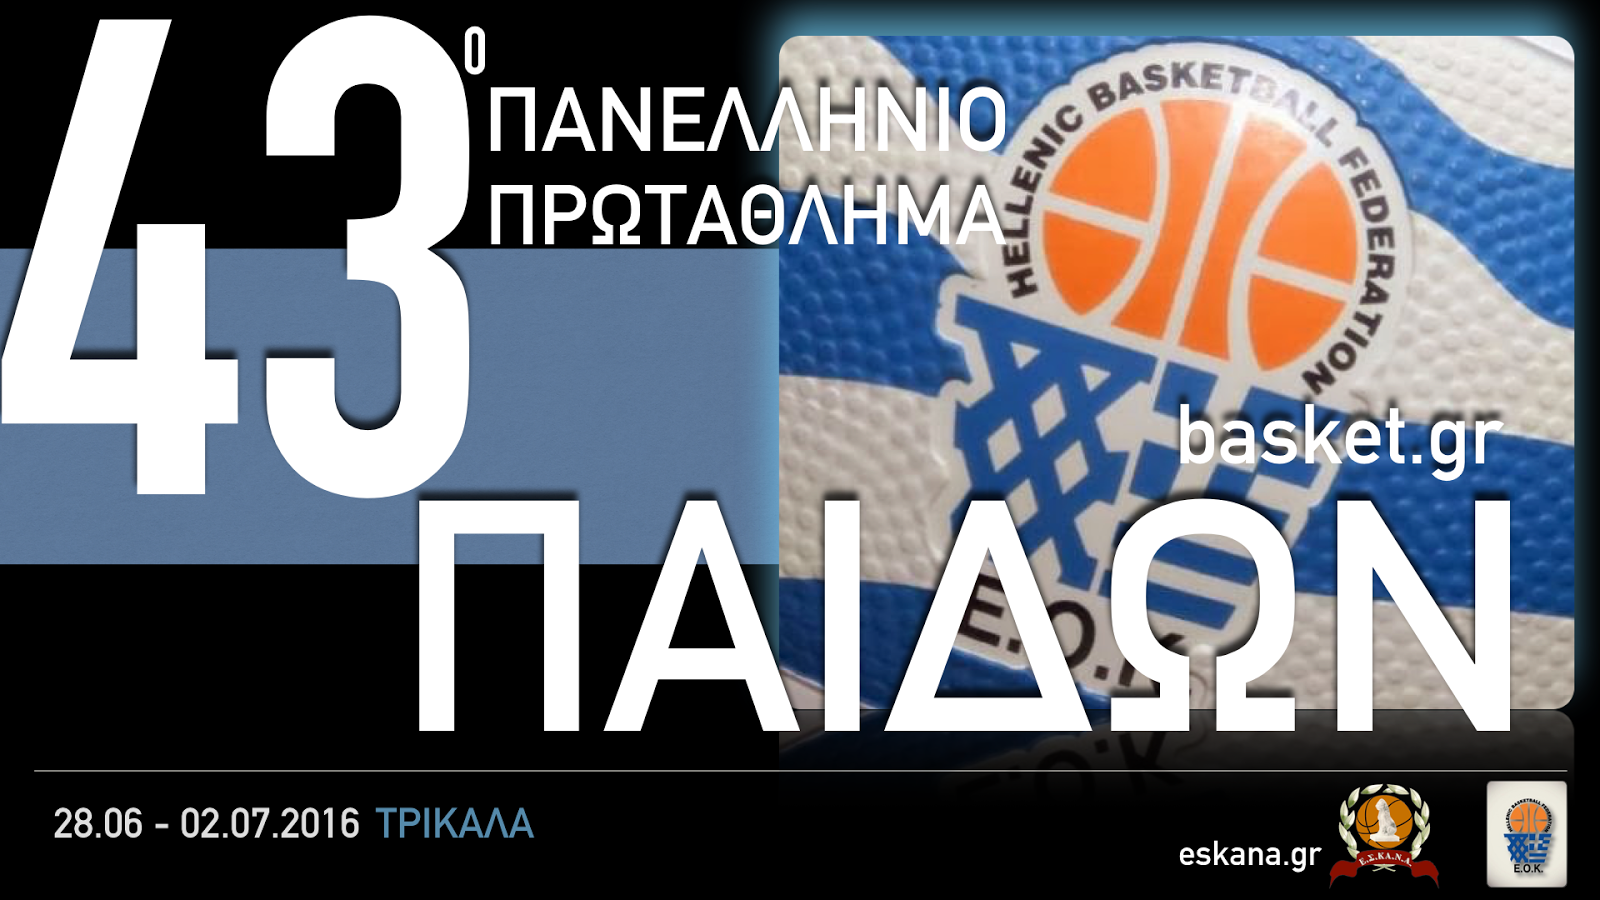 43ο Πανελλήνιο Πρωτάθλημα Παίδων 2015-16 : Το πρόγραμμα της τελικής φάσης